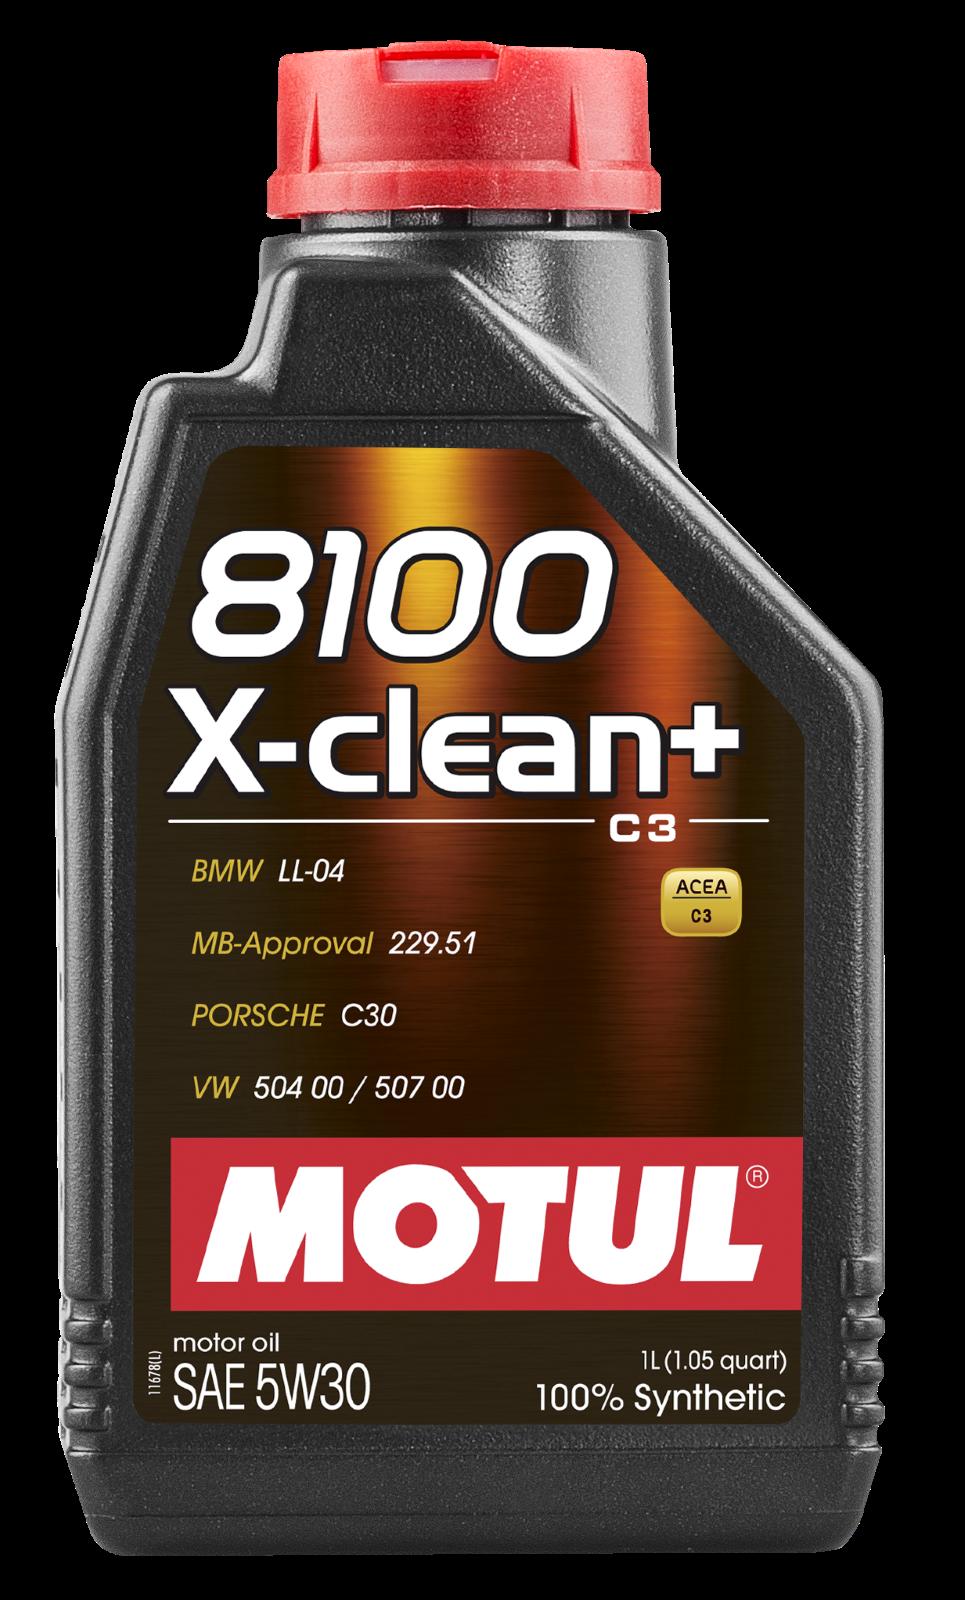 MOTUL AG MOTUL 8100 X-clean + 5W-30 1L